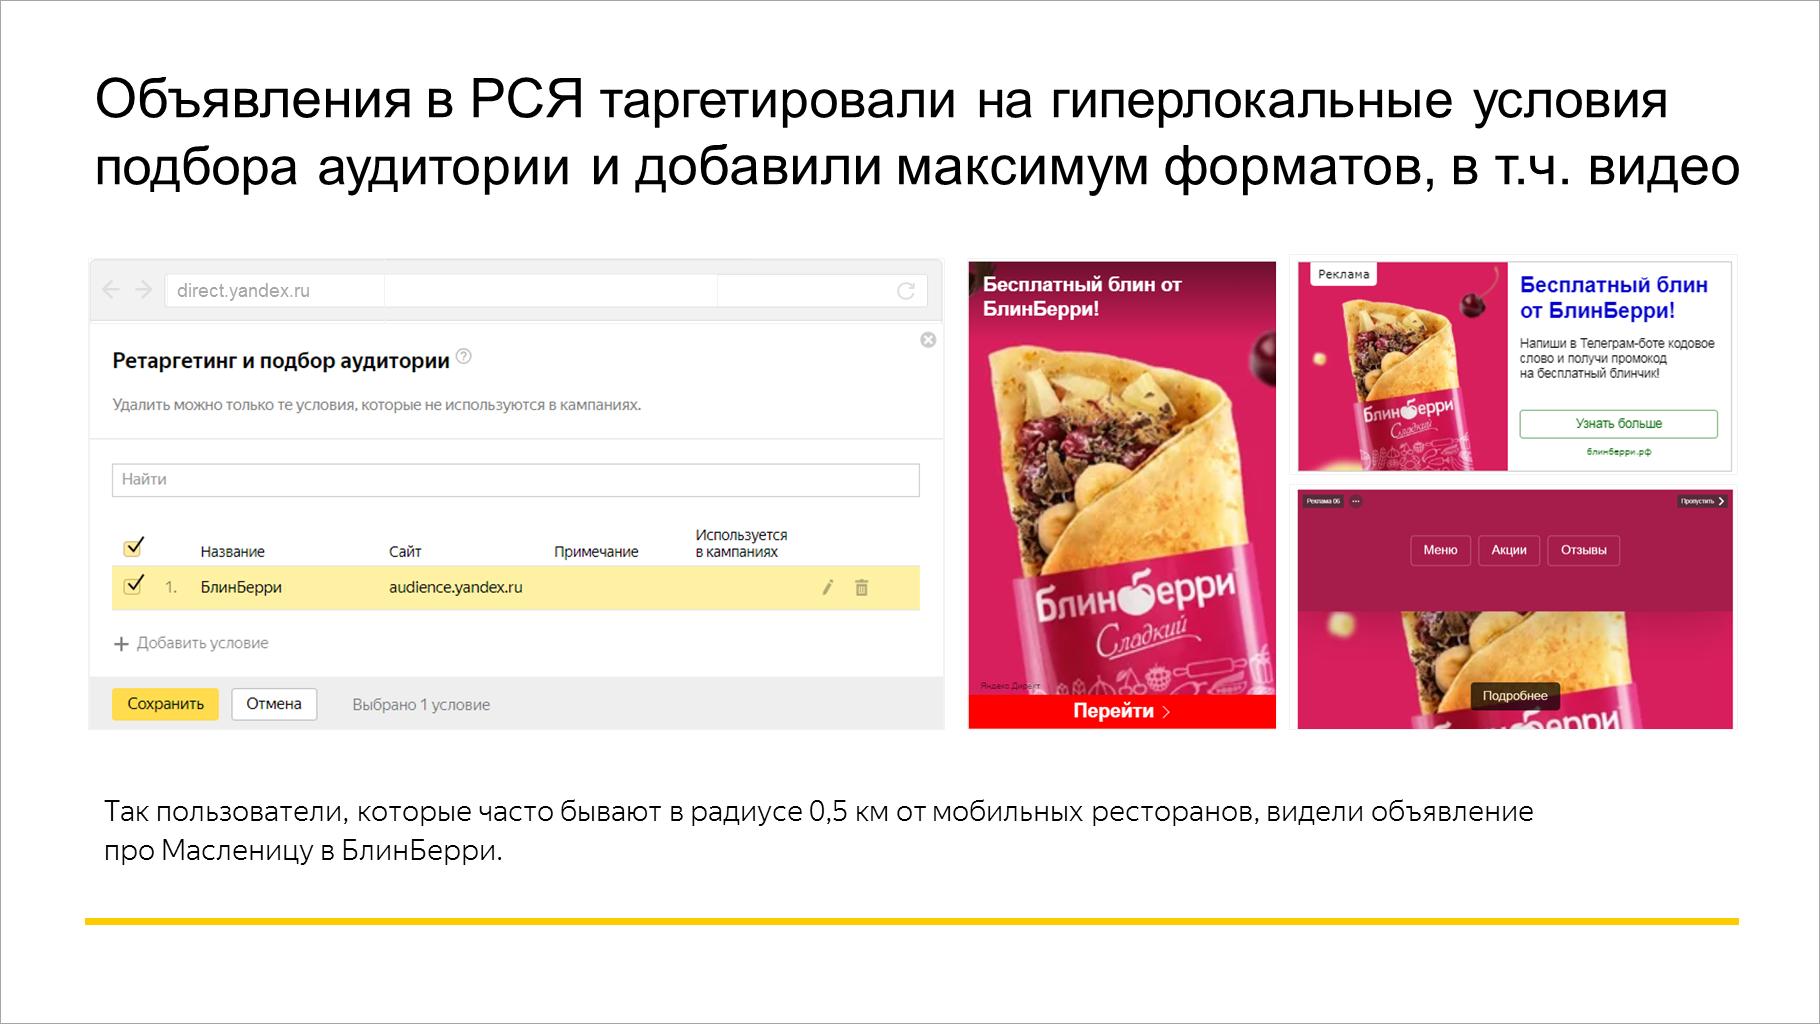 Объявления в РСЯ таргетировали на гиперлокальные условия подбора аудитории и добавили максимум форматов, в т.ч. видео